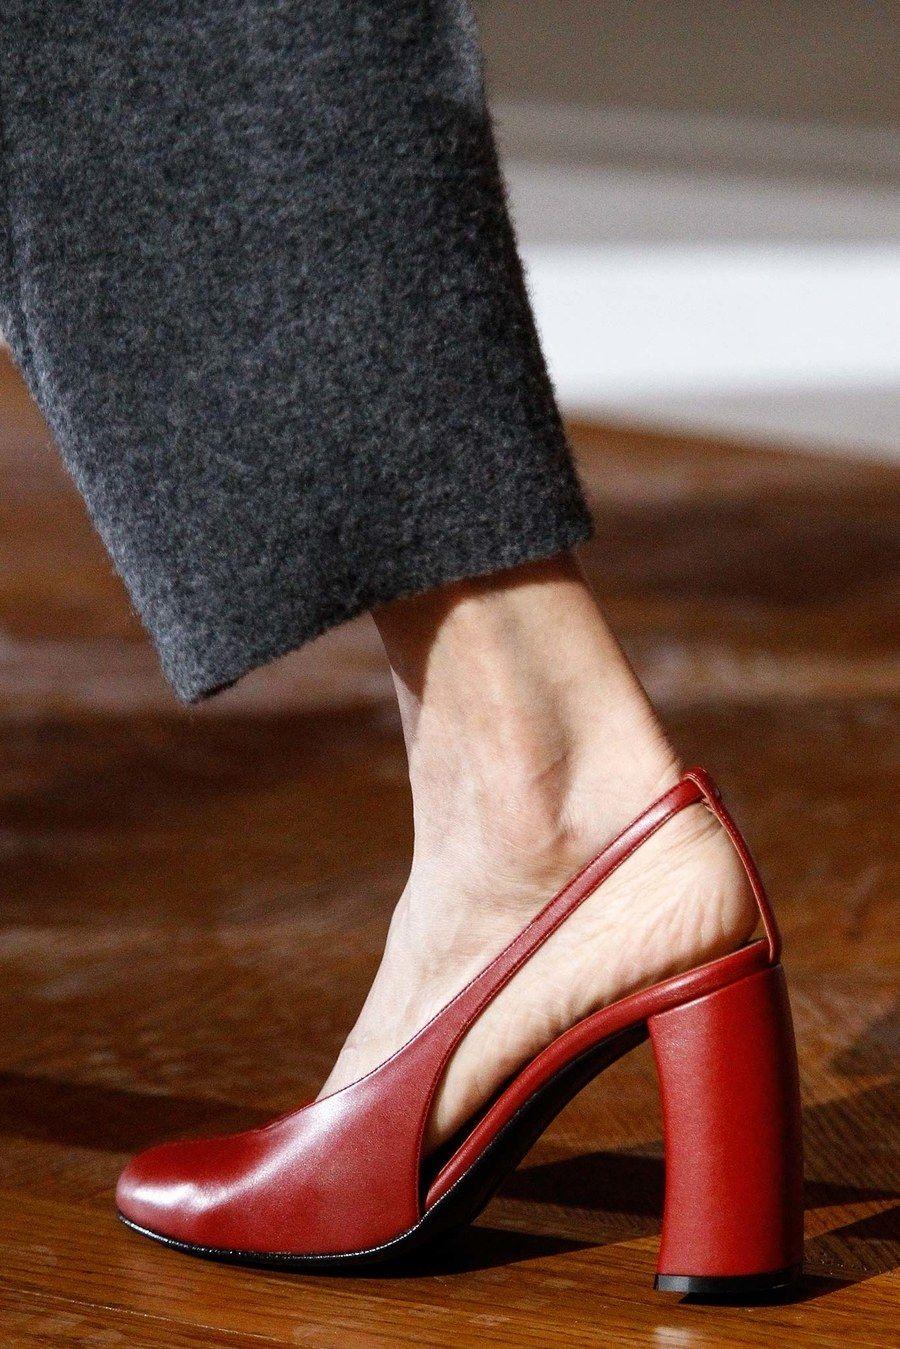 Stella McCartney Fall 2015 Ready-to-Wear Fashion Show